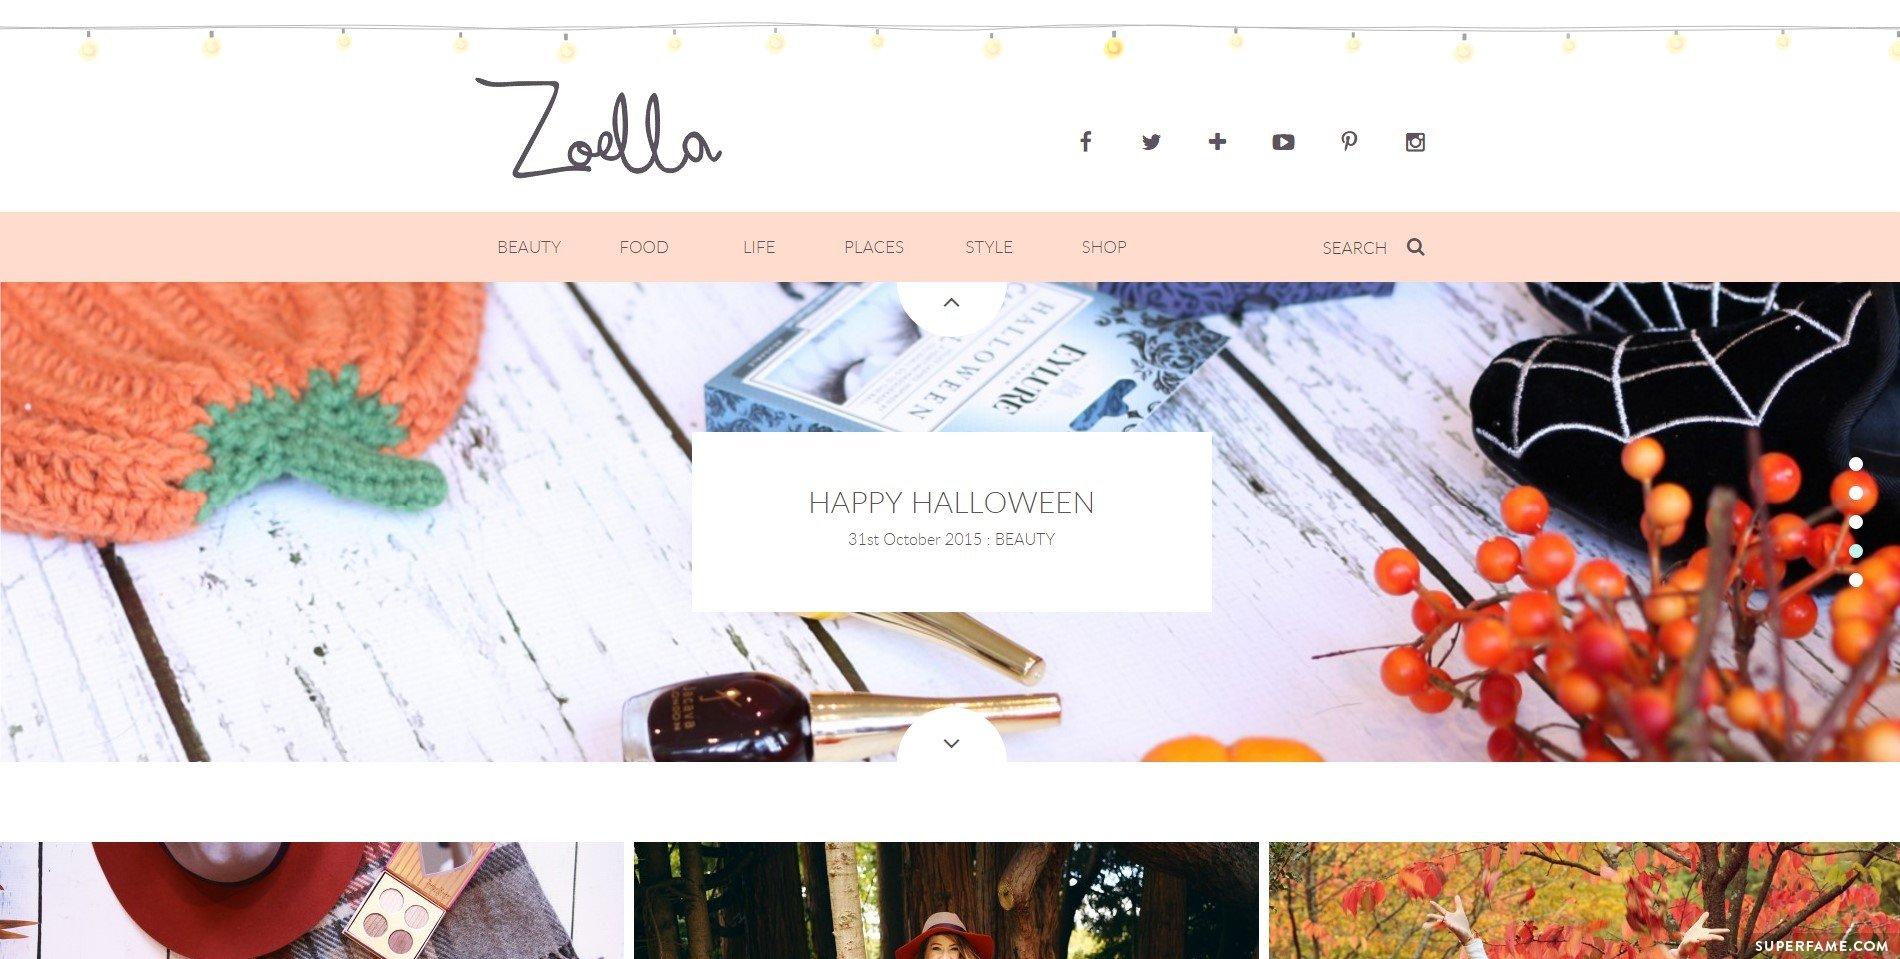 Zoella's blog.